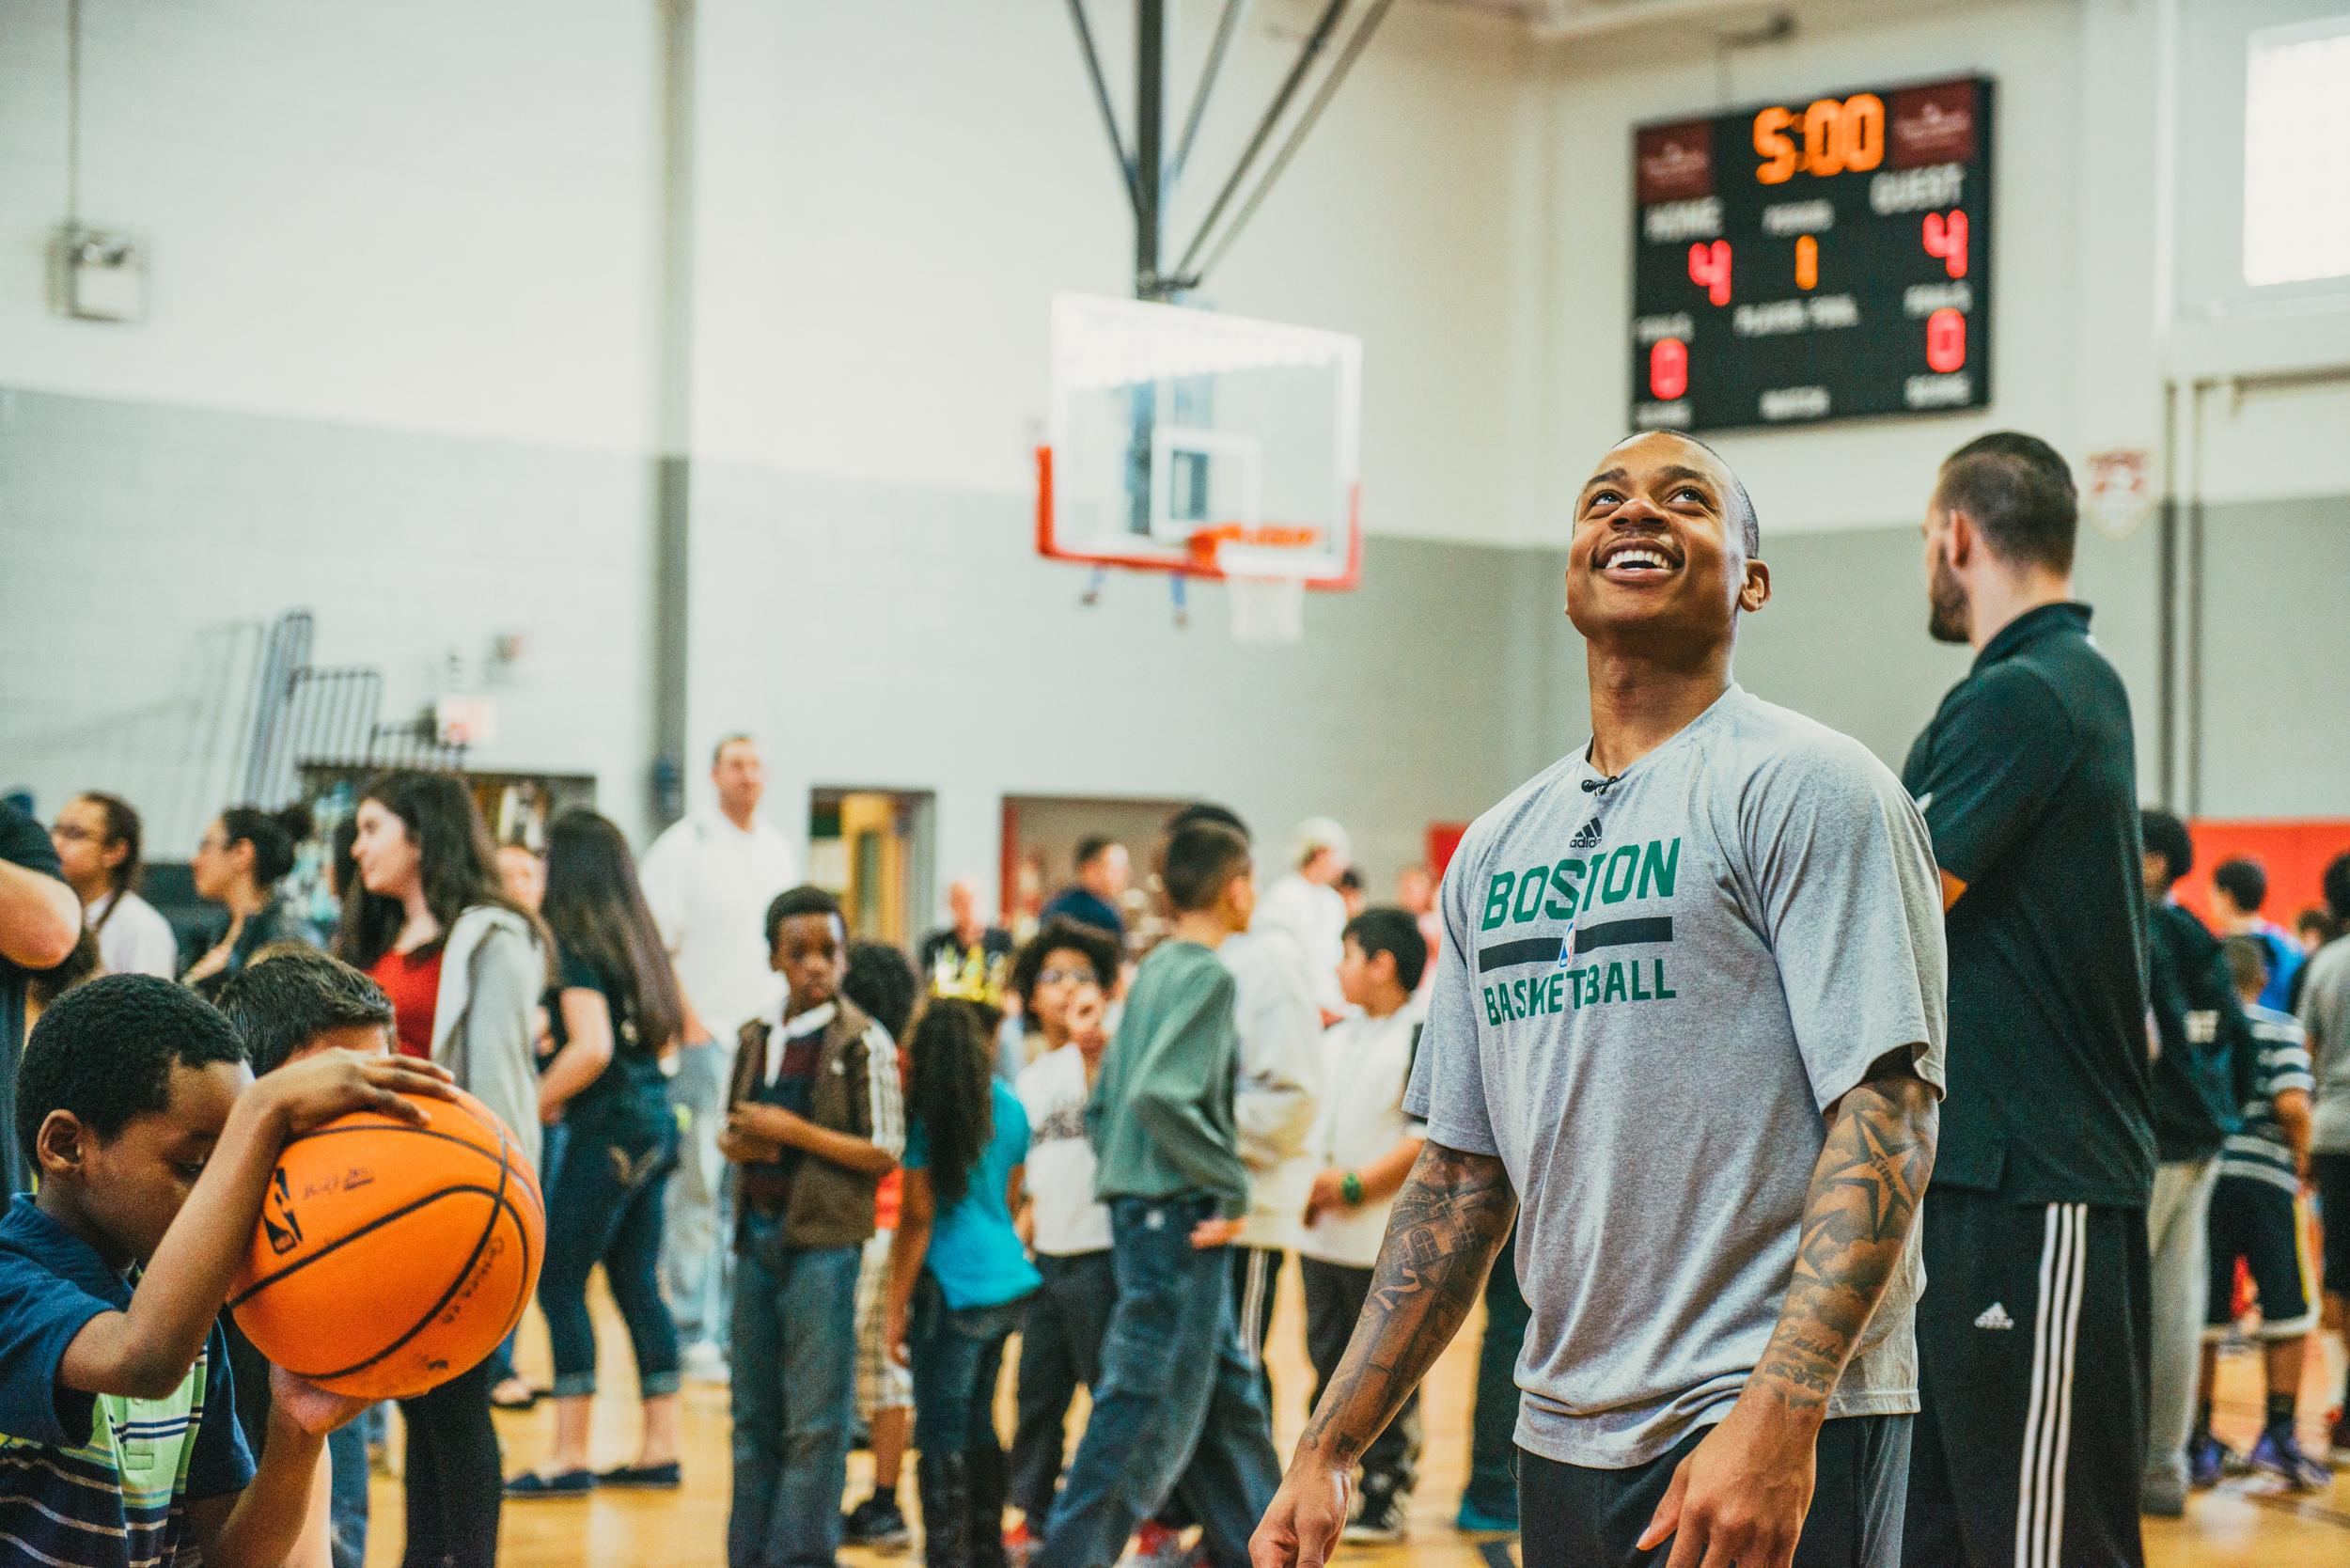 Isaiah Thomas   Basketball Clinic & Giveaway